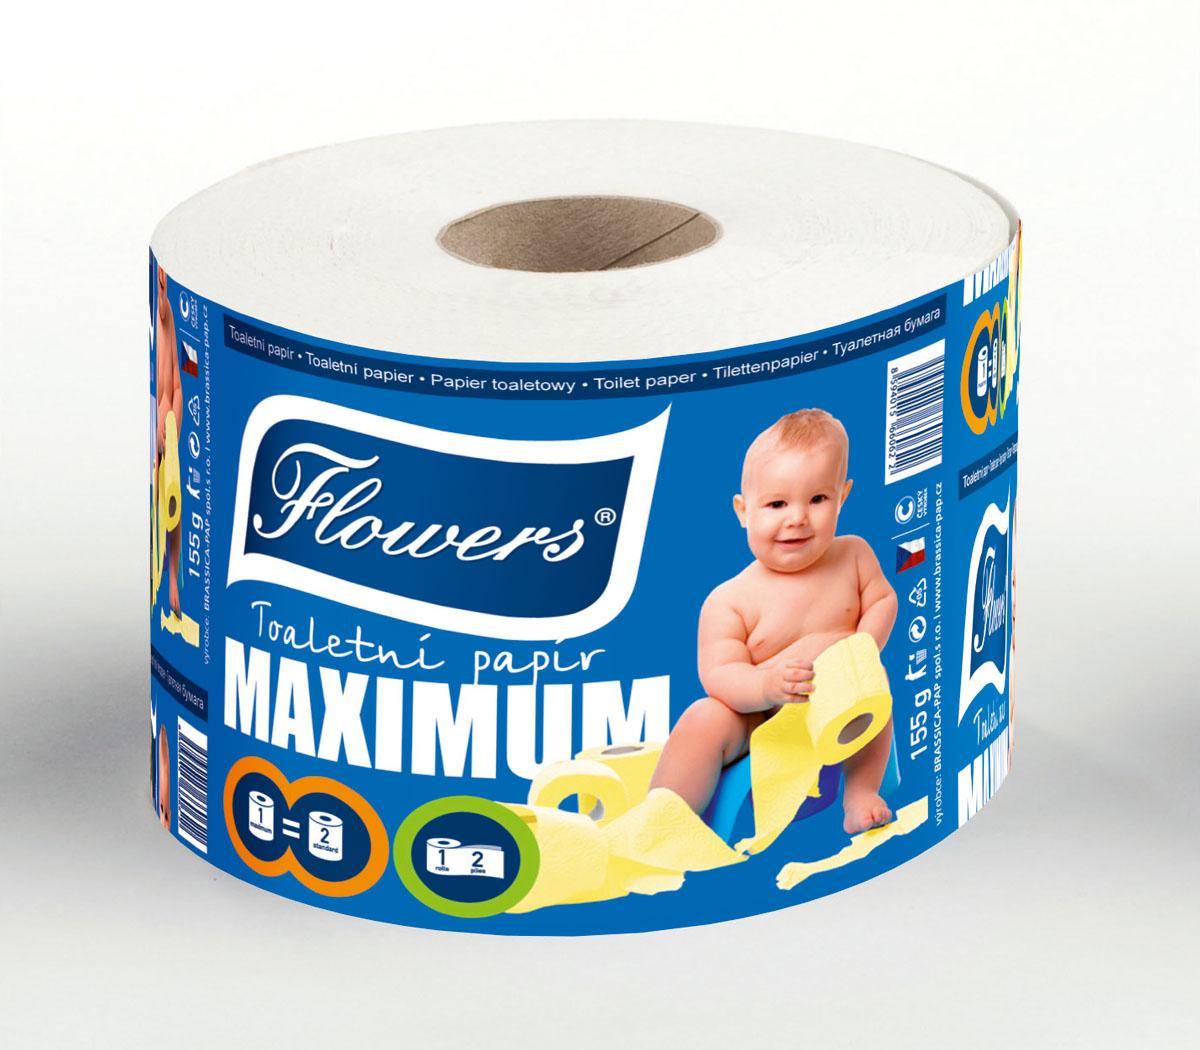 Toaletní papír Flowers Maximum ,2-vrstvý papír recyklovaný s vysokou bělostí,více barev